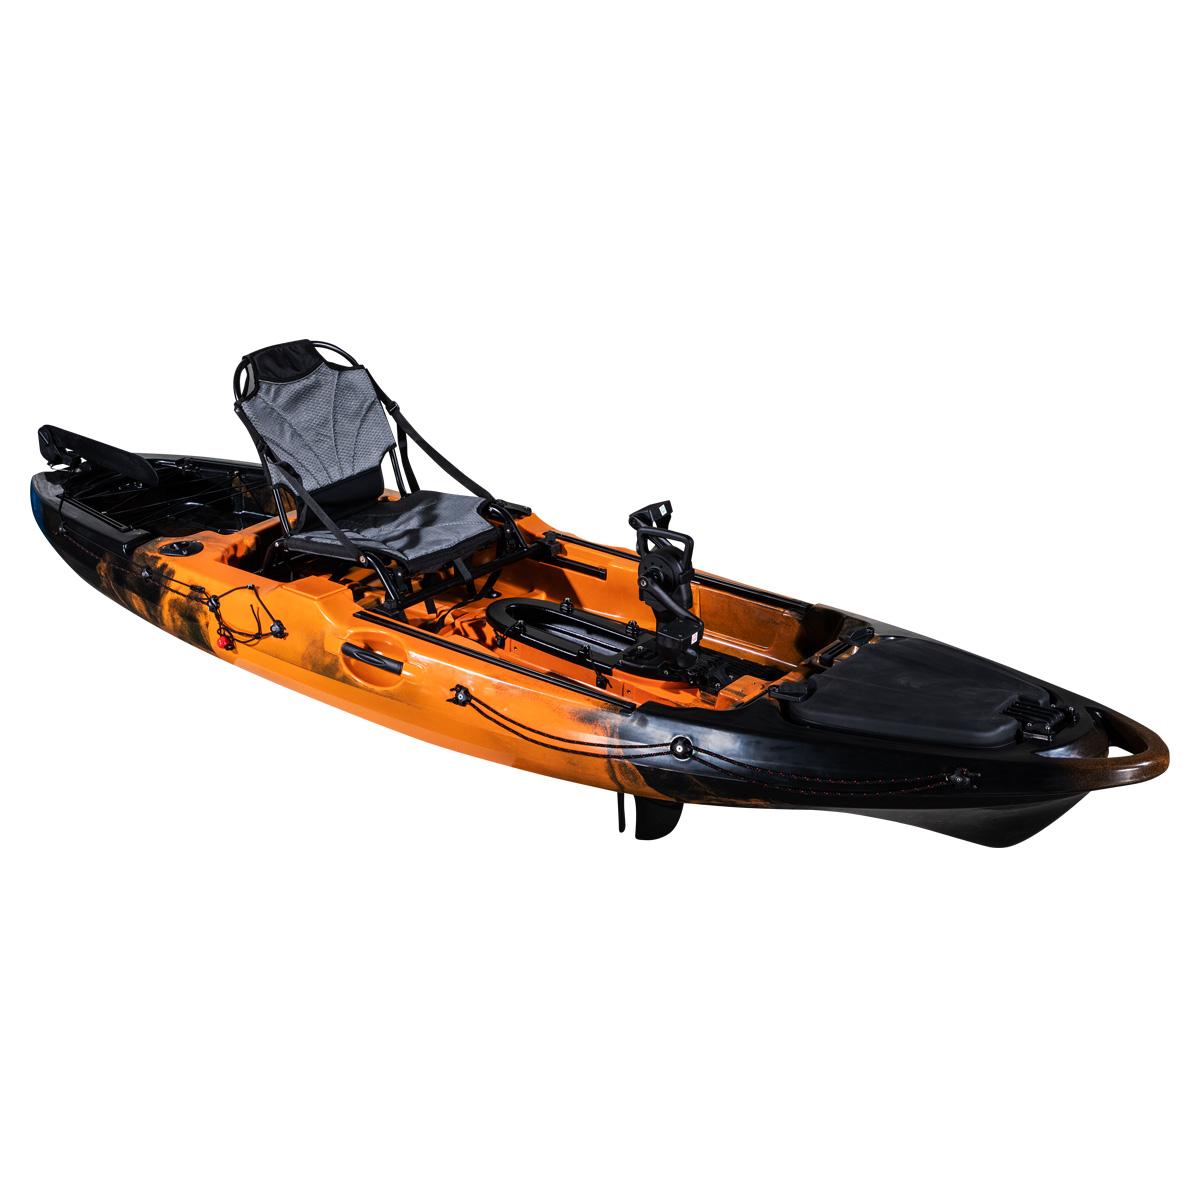 Revolve 10 Pedal Fishing Kayak Flame